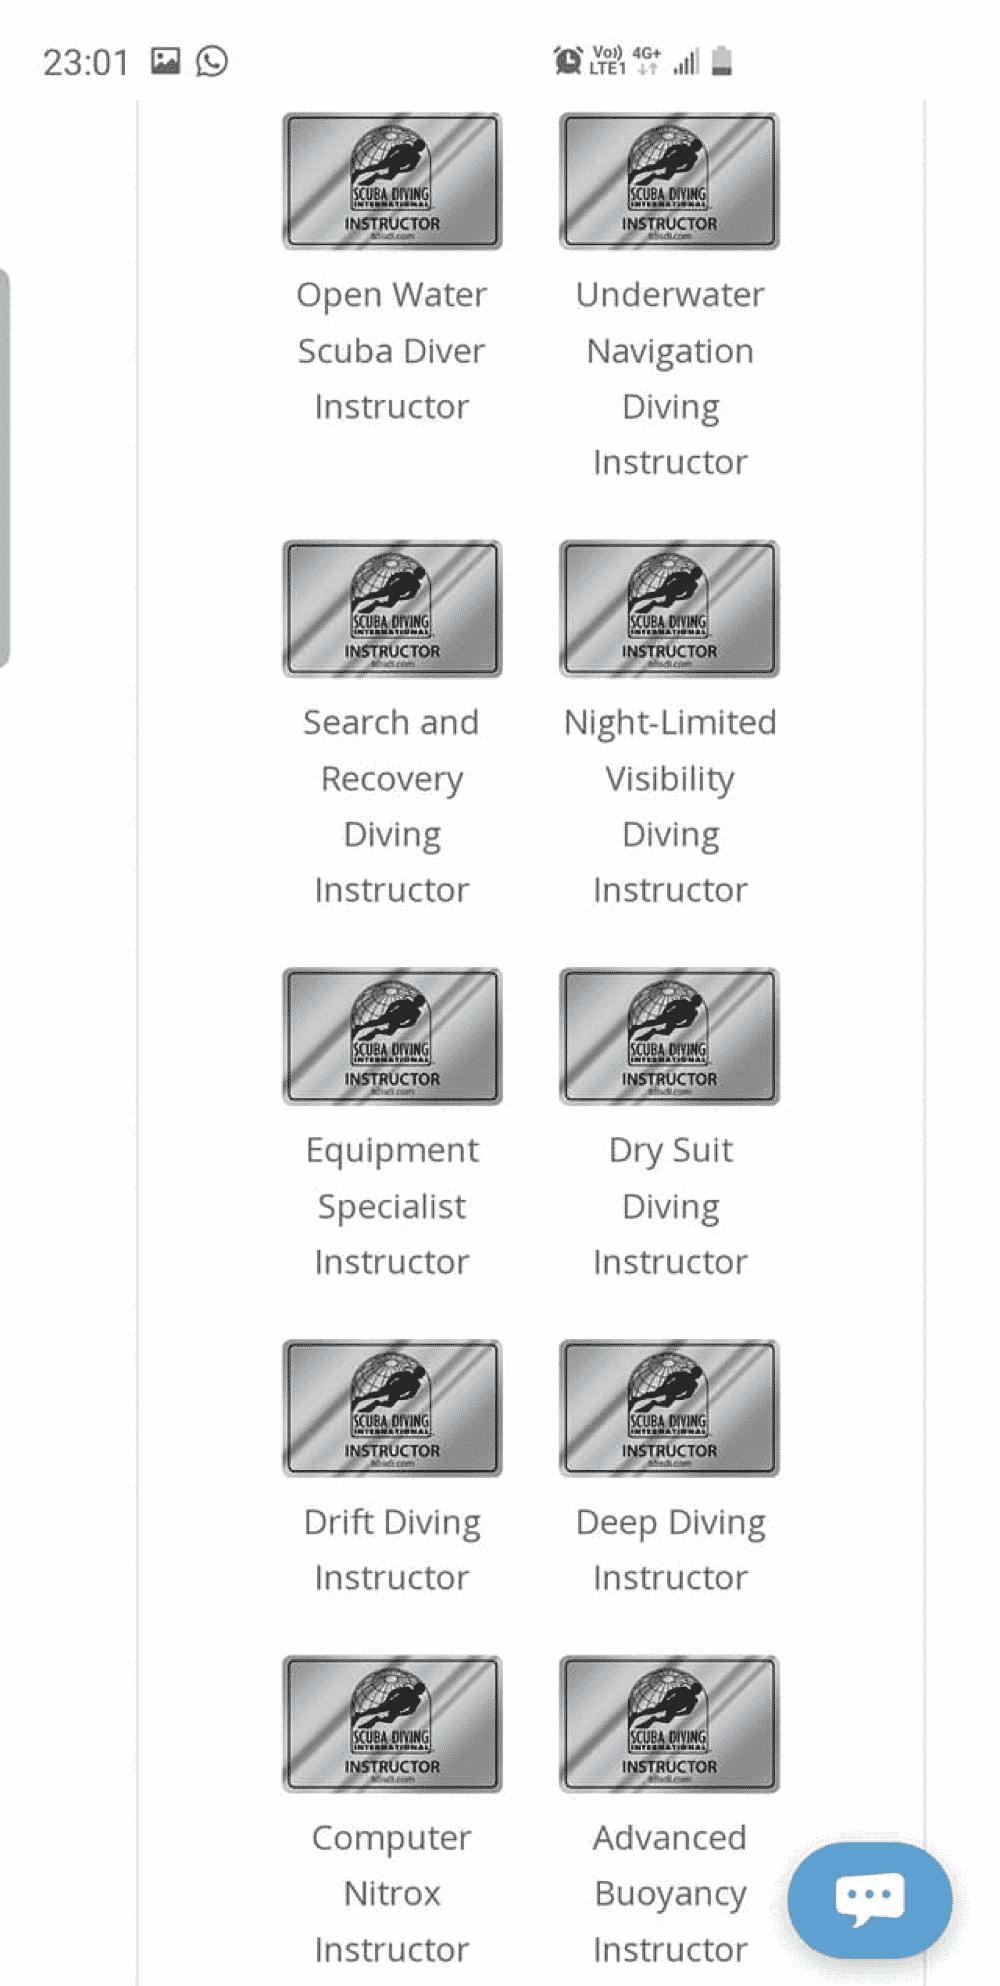 潛水課程潛水牌